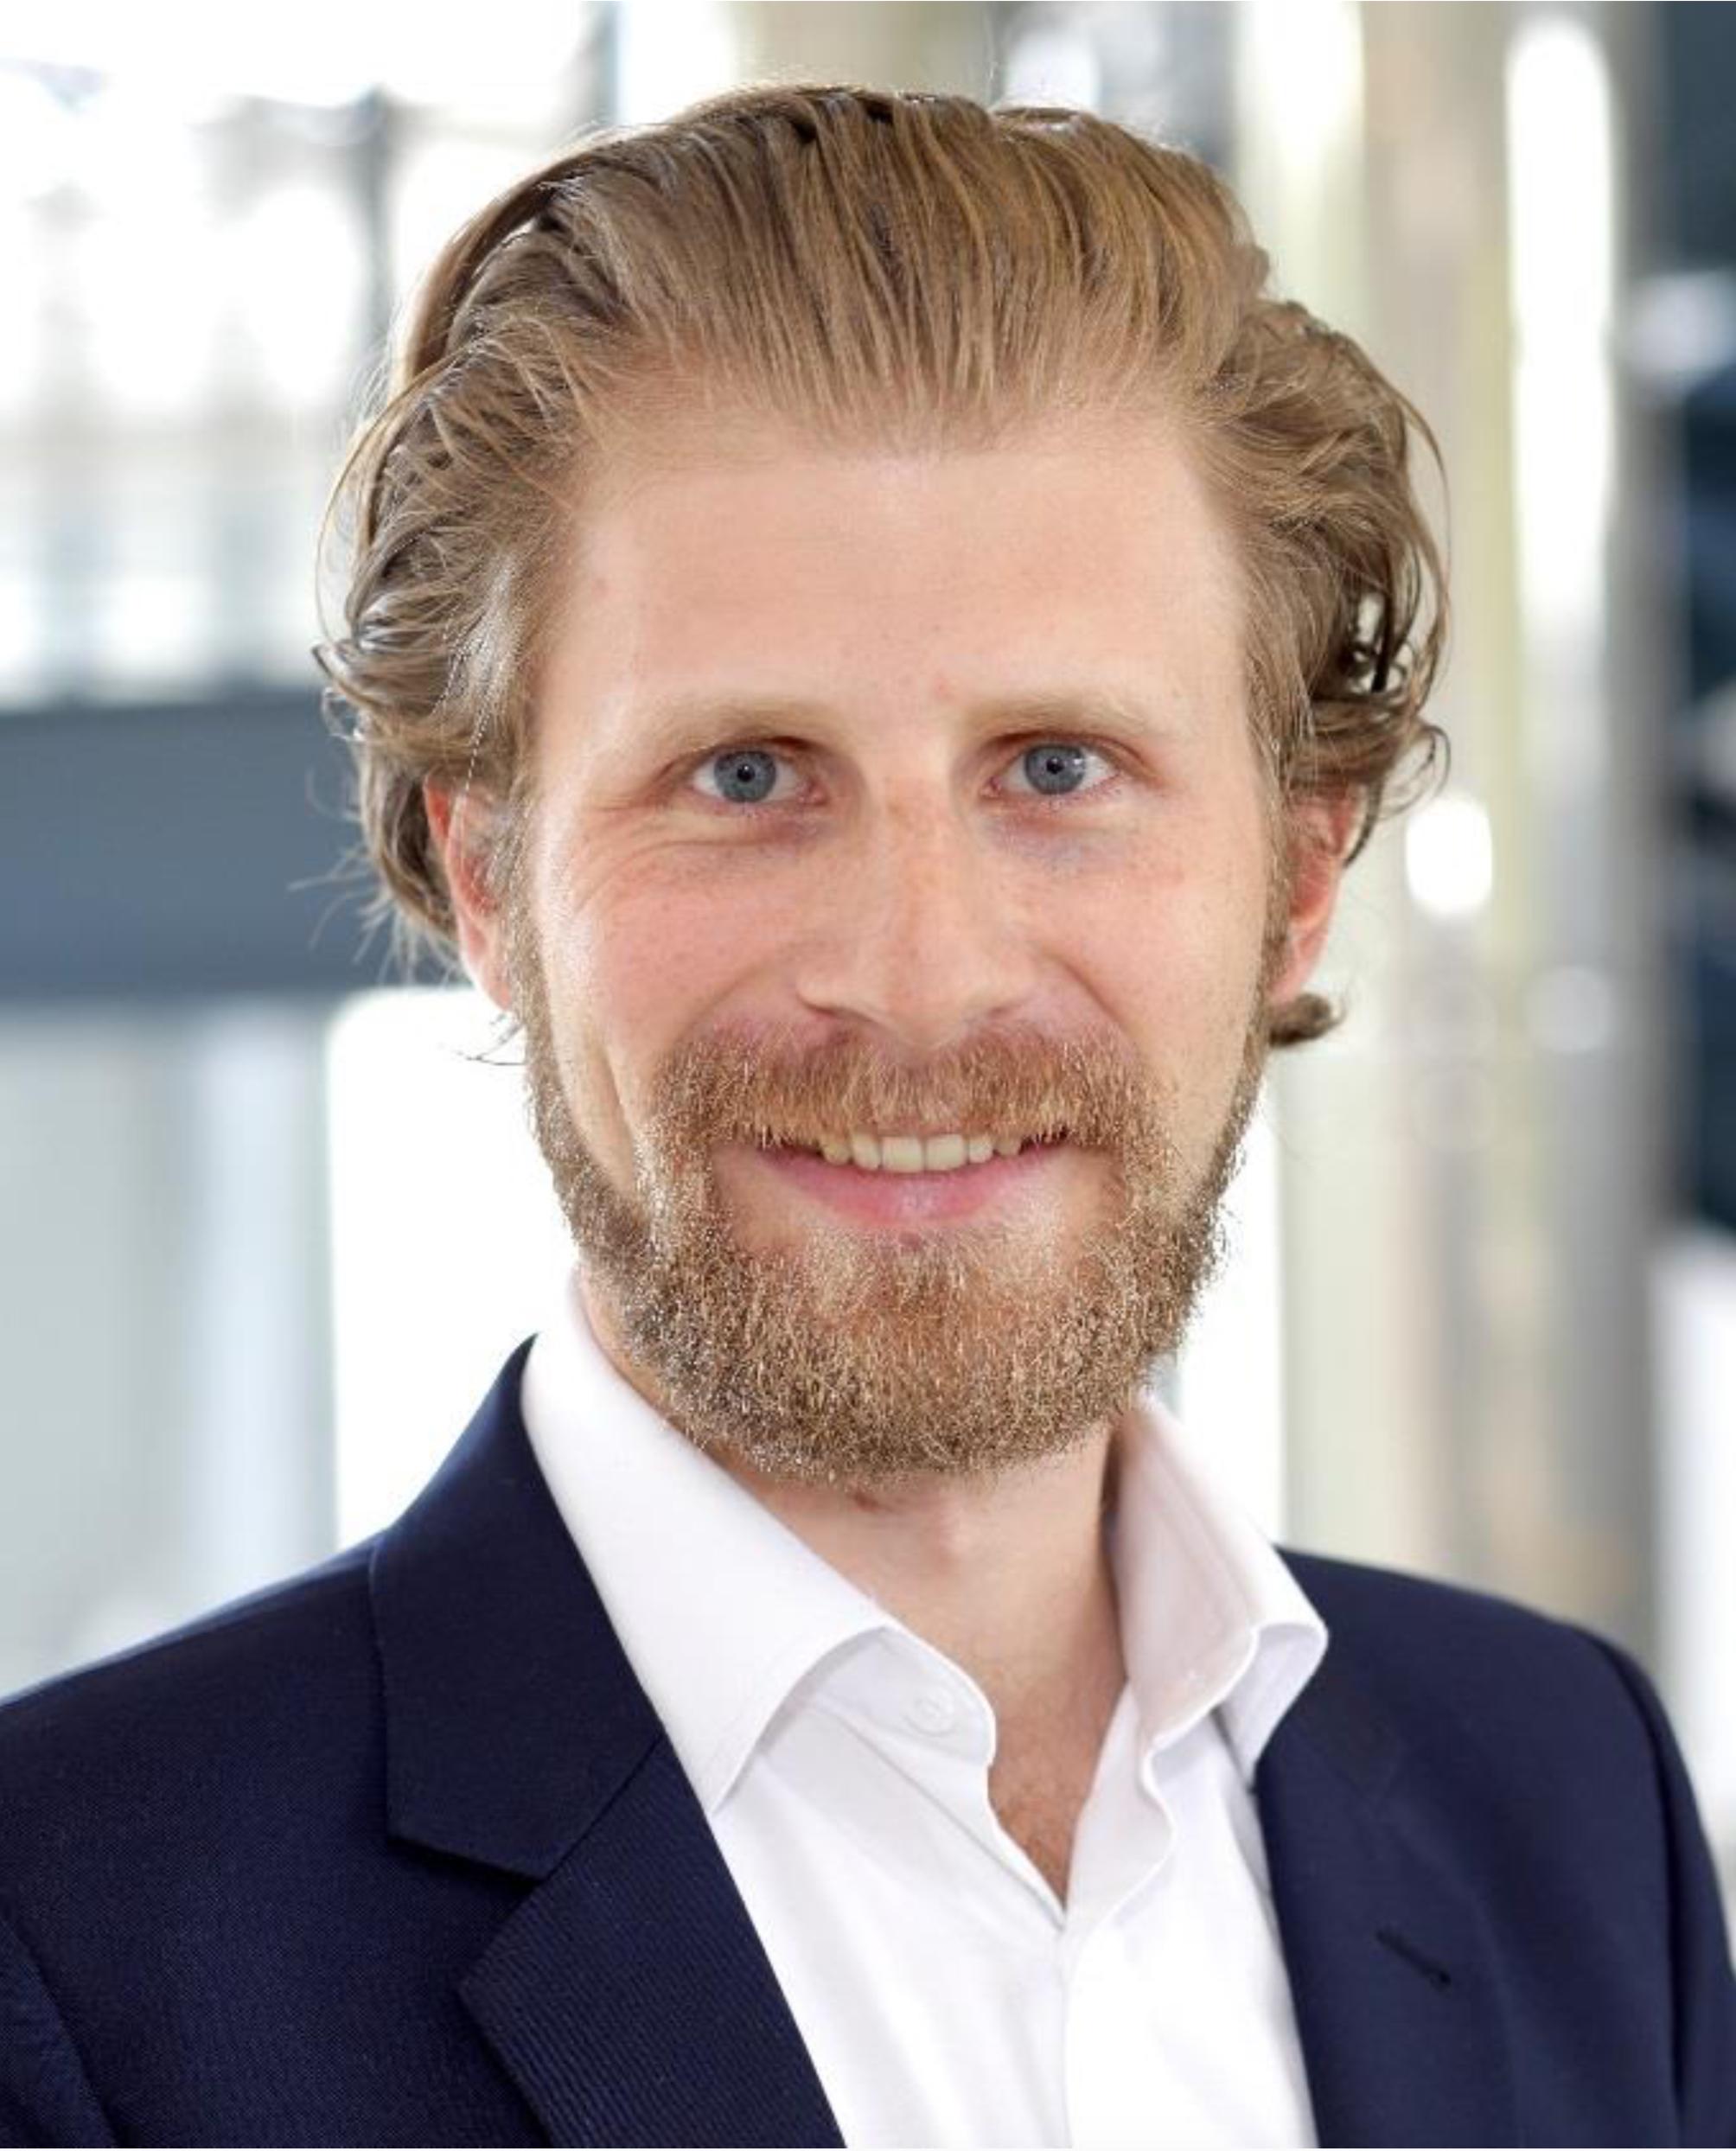 Dr. Matthias Hudecek, Professor für Wirtschaftspsychologie an der FOM Hochschule, beantwortet die wichtigsten Fragen zum Thema Homeoffice